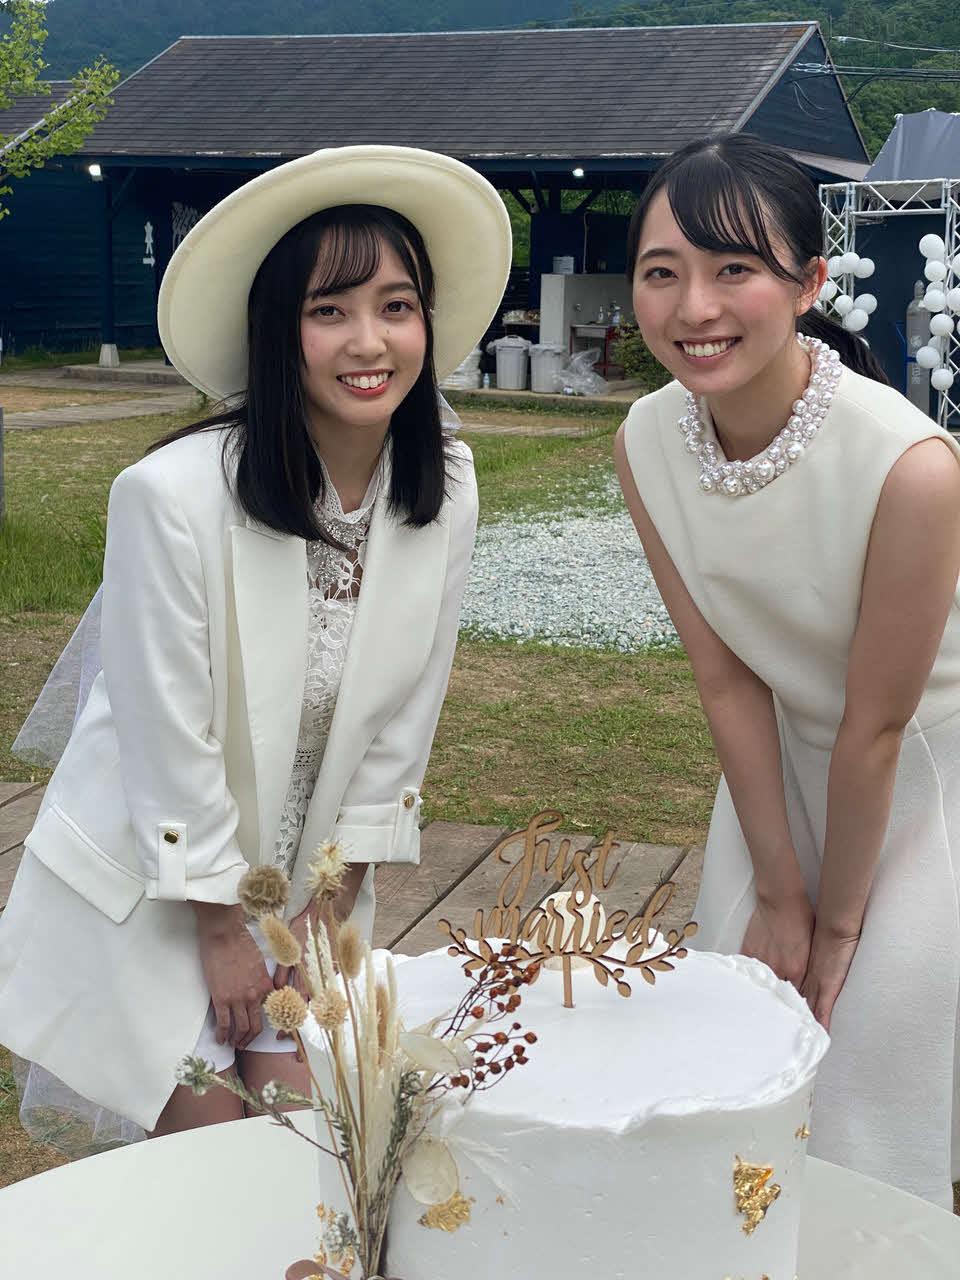 映画「酒蔵のむすめ」にダブル主演する今村美月(左)と石田みなみ